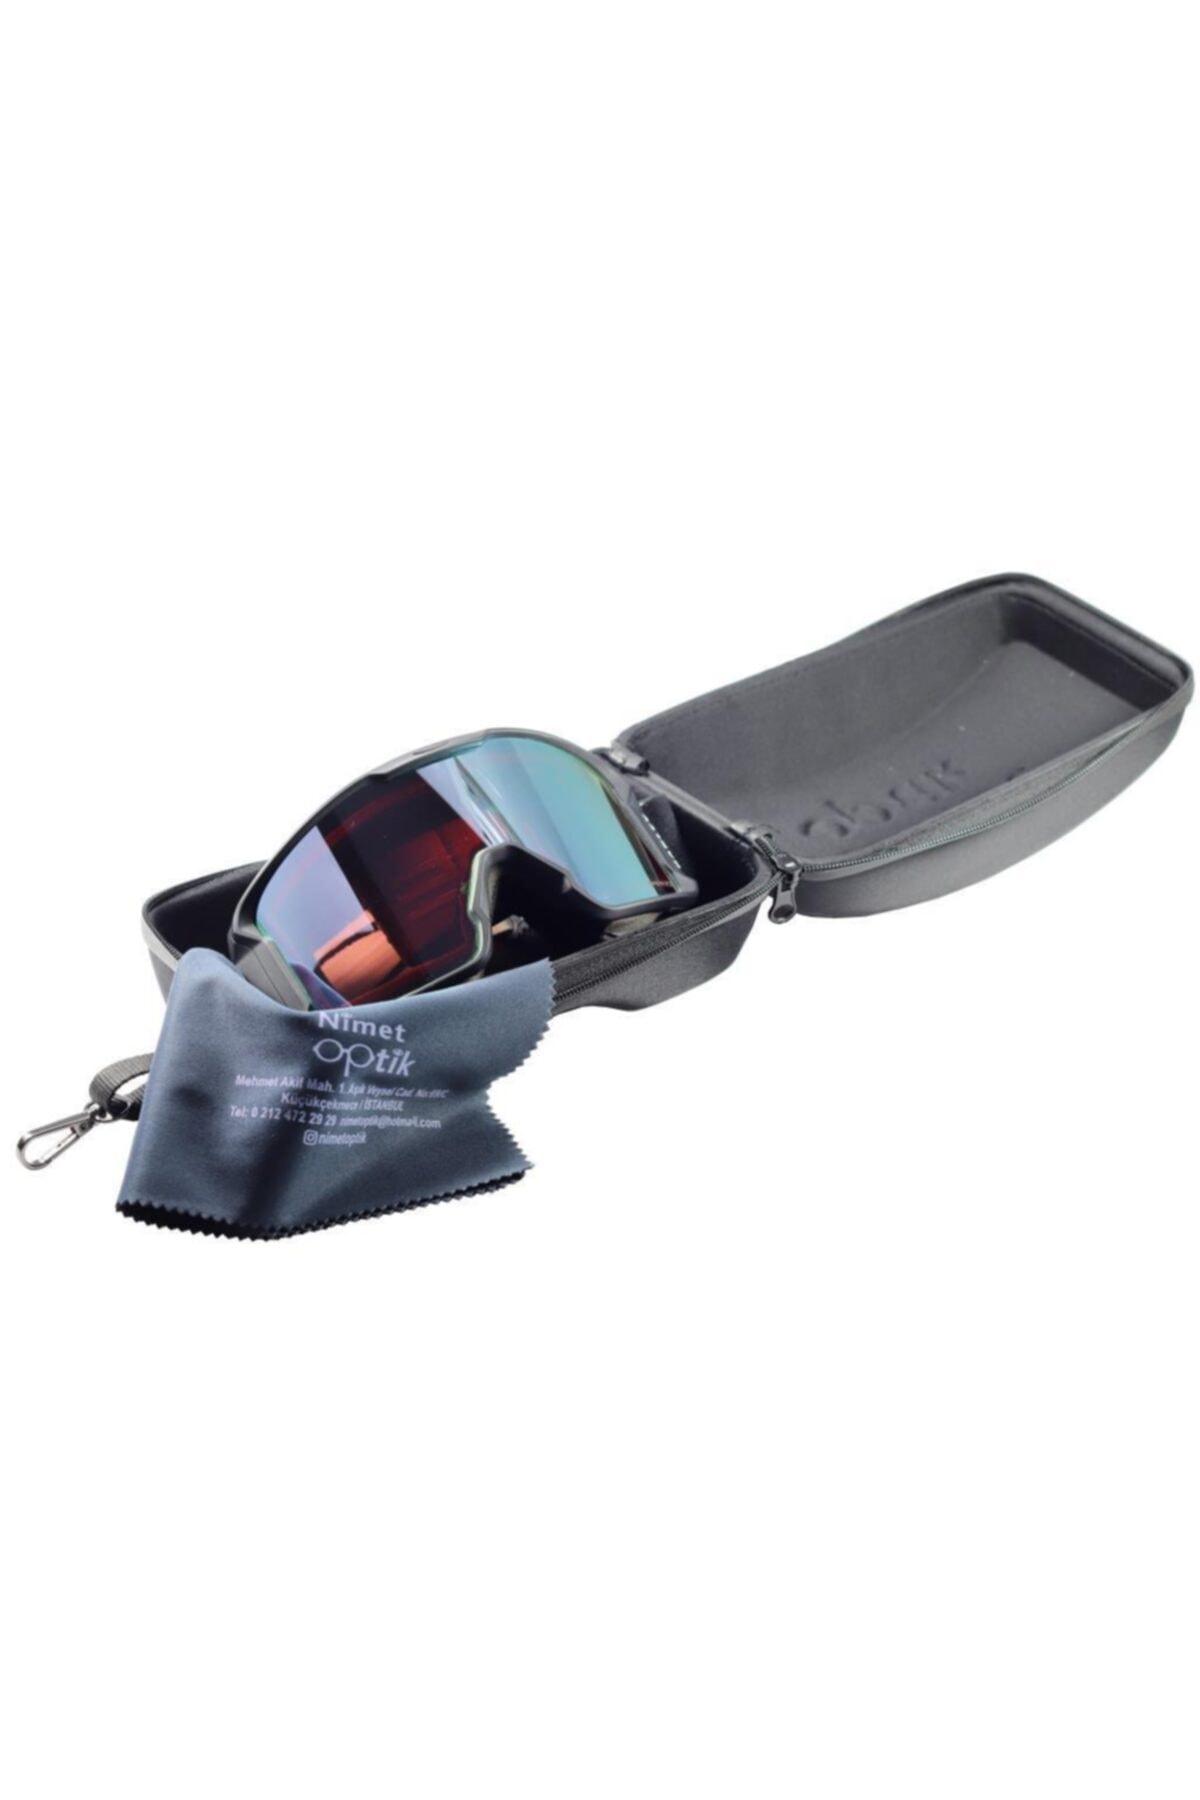 Nimet Optik Kayak Gözlüğü Kılıfı 2